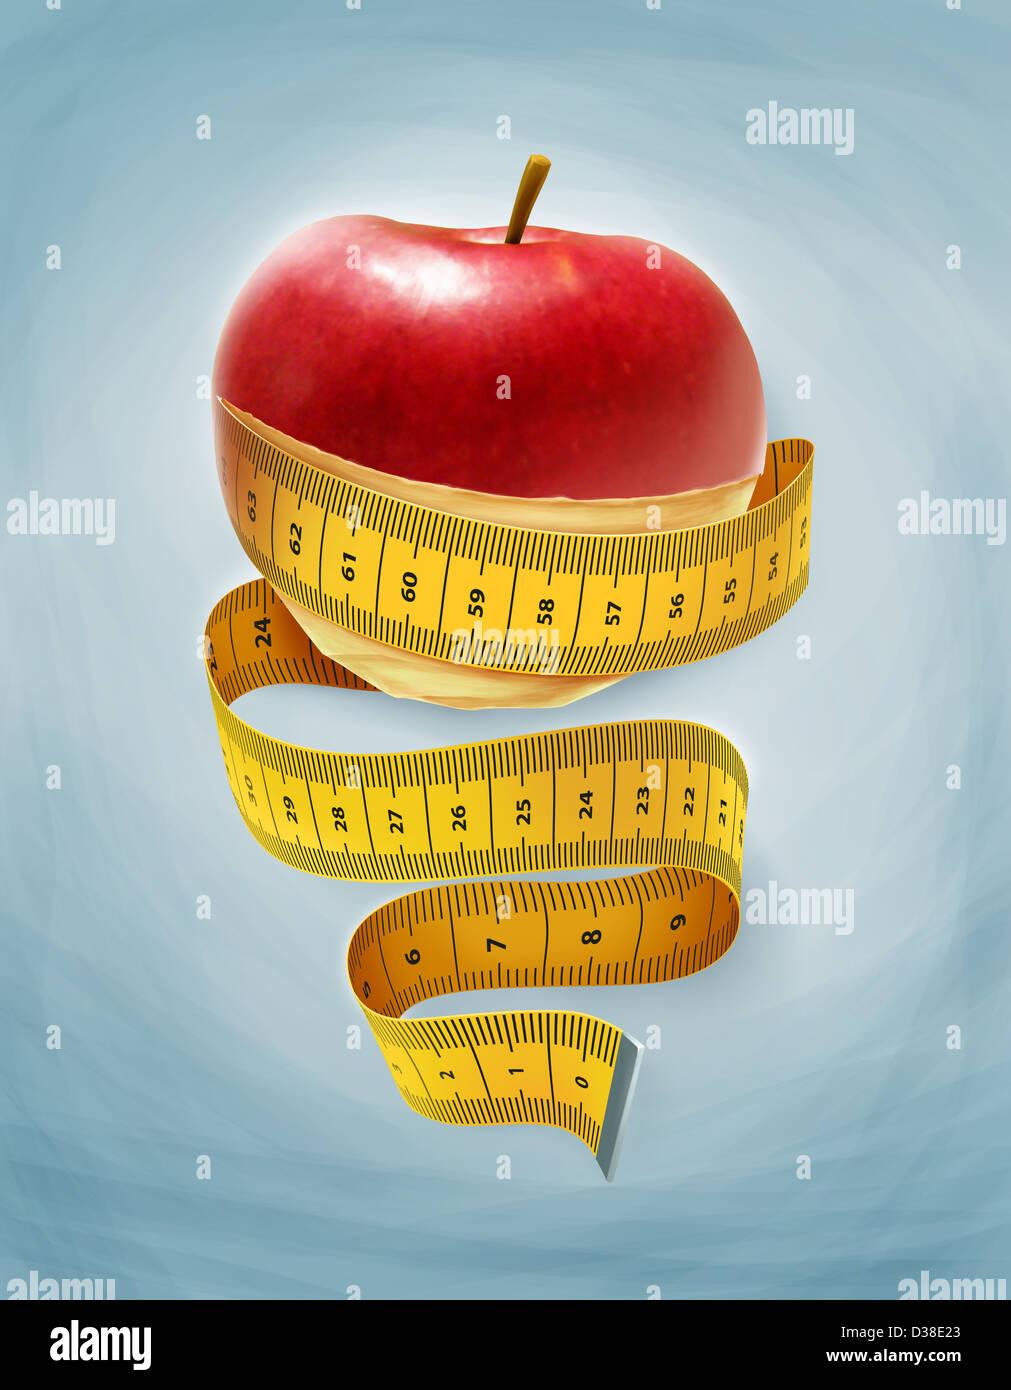 Anschauliches Bild eines Apfels gewickelt mit Maßband, darstellt, eine Diät Stockbild